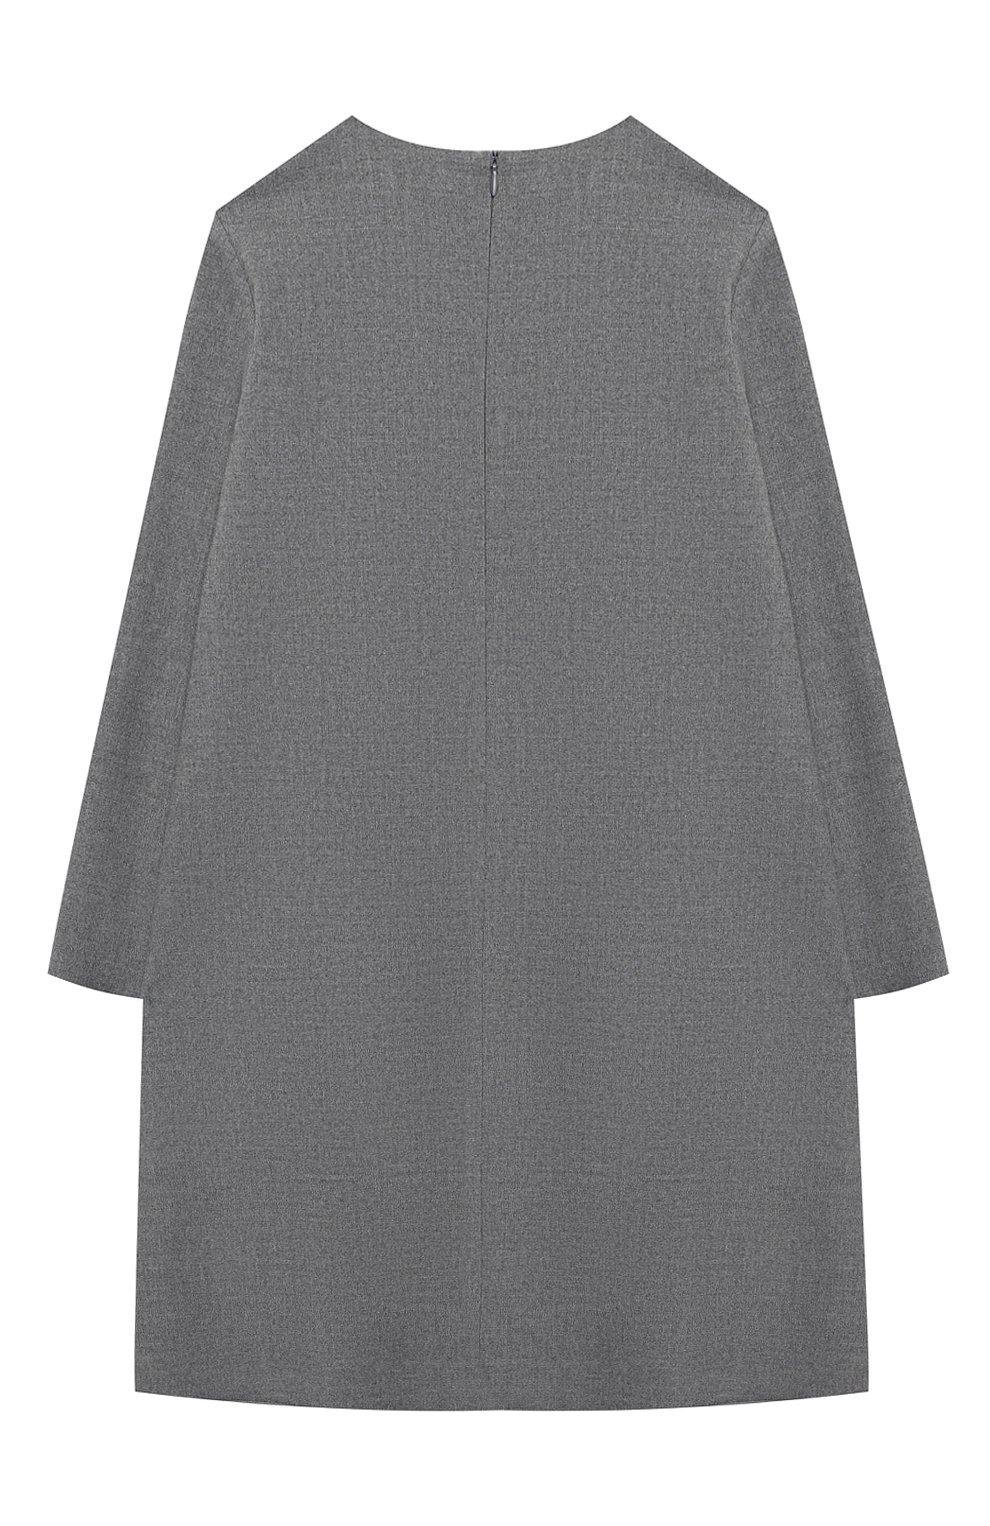 Детское платье IL GUFO серого цвета, арт. A20VL402W0003/10A-12A | Фото 2 (Рукава: Длинные; Случай: Повседневный; Материал внешний: Синтетический материал; Материал подклада: Синтетический материал)